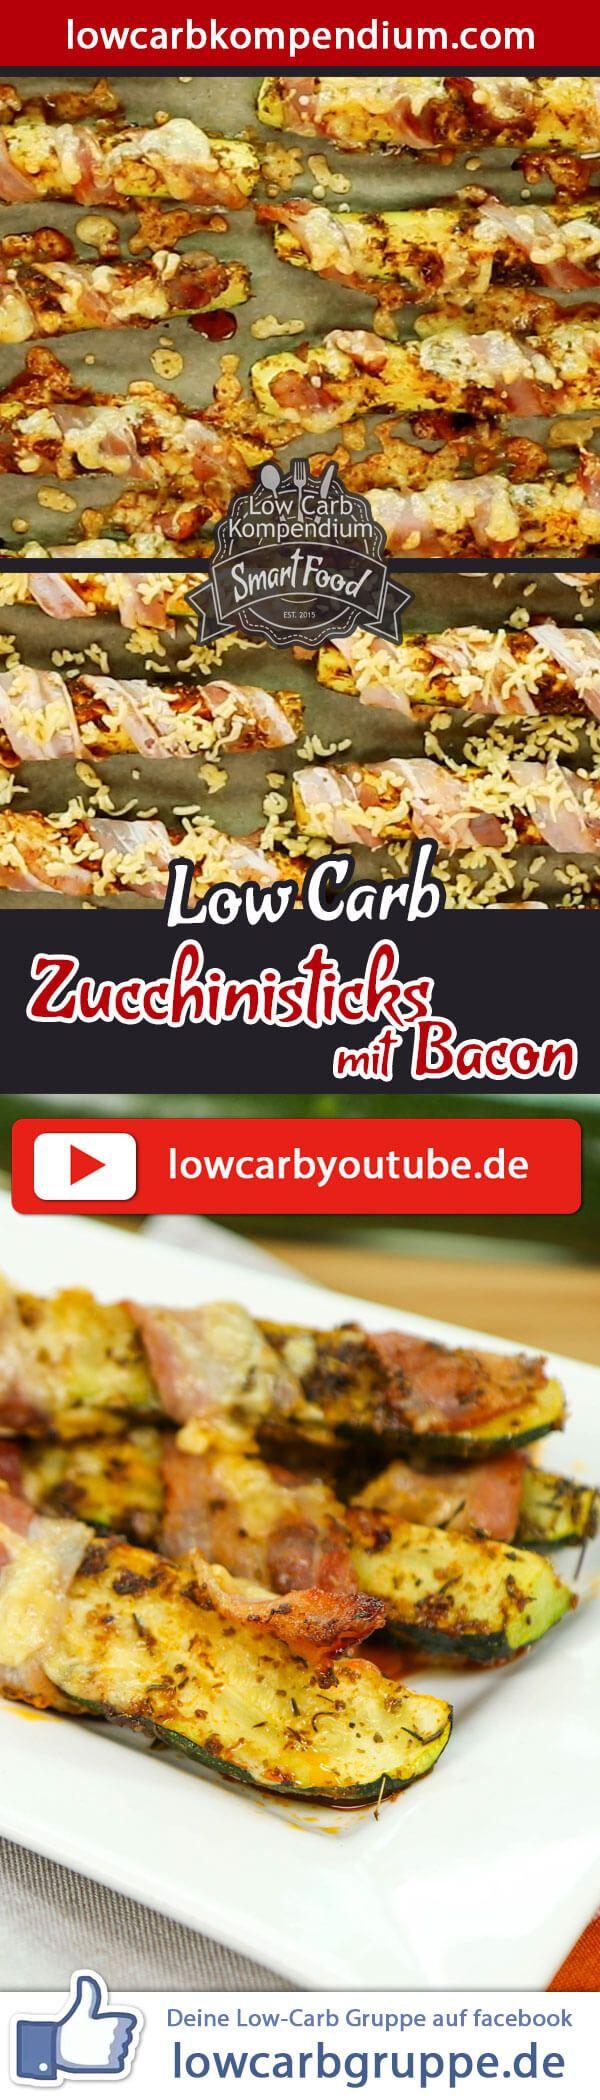 Low-Carb Zucchinisticks mit Bacon - herzhaft-würziger Snack & Fingerfood. Ein weiteres richtig leckeres Low-Carb Fingerfood steht heute für dich auf dem Plan :) Diese Zucchinisticks sind mit Bacon umwickelt, mit geriebenen Käse bestreut und im Ofen herrlich goldbraun gebacken. Besser geht es doch schon fast nicht mehr, oder? Die Low-Carb Zucchinisticks mit Bacon sind wunderbar herzhaft-würzig, toll als Snack oder auf dem Party-Büffet. Wer möchte, kann die natürlich auch als Hauptmahlzeit ve